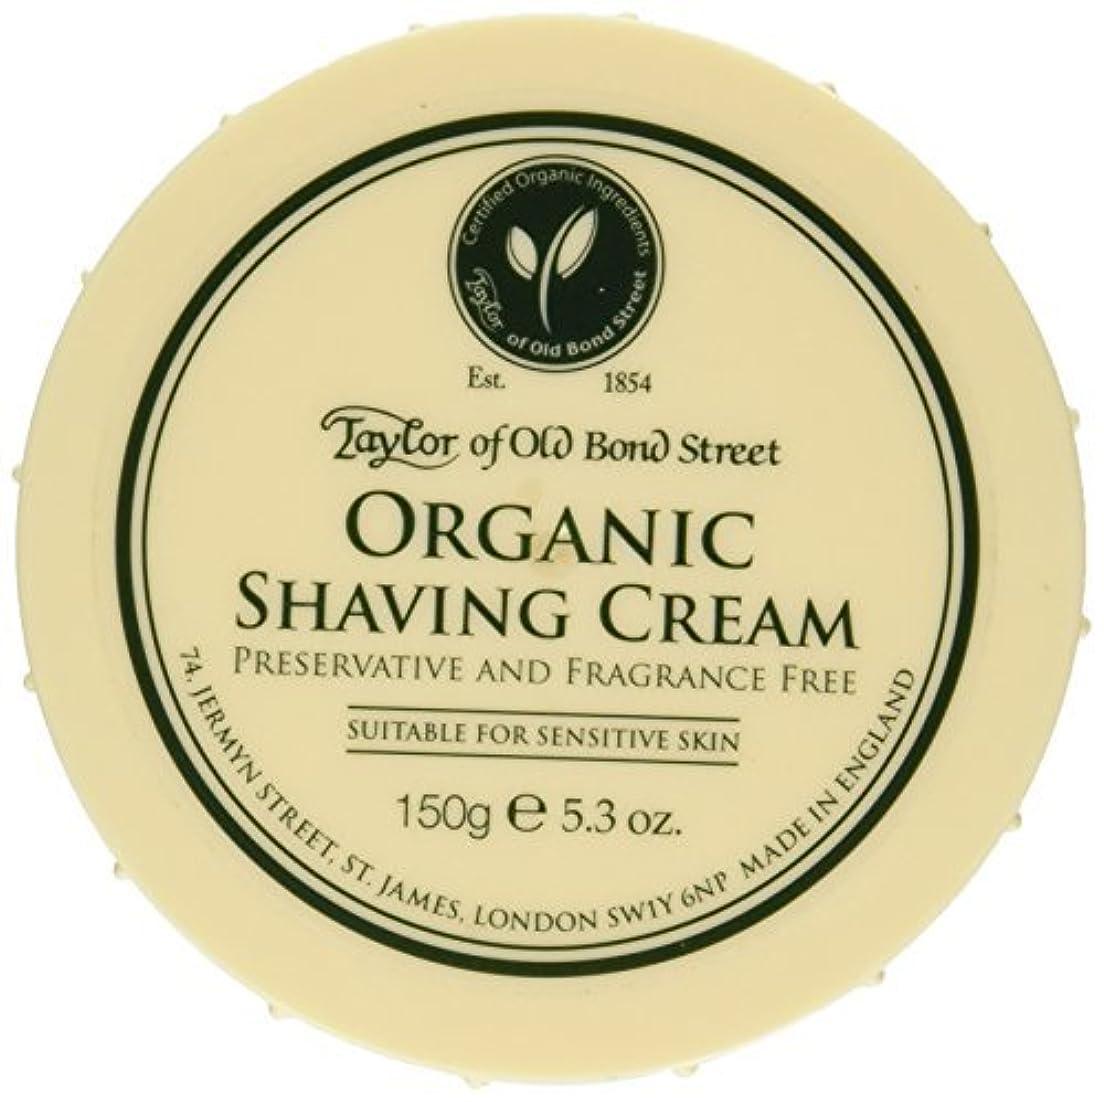 スープ左Taylor of Old Bond Street Organic Shaving Cream Bowl 150 g by Taylor of Old Bond Street [並行輸入品]